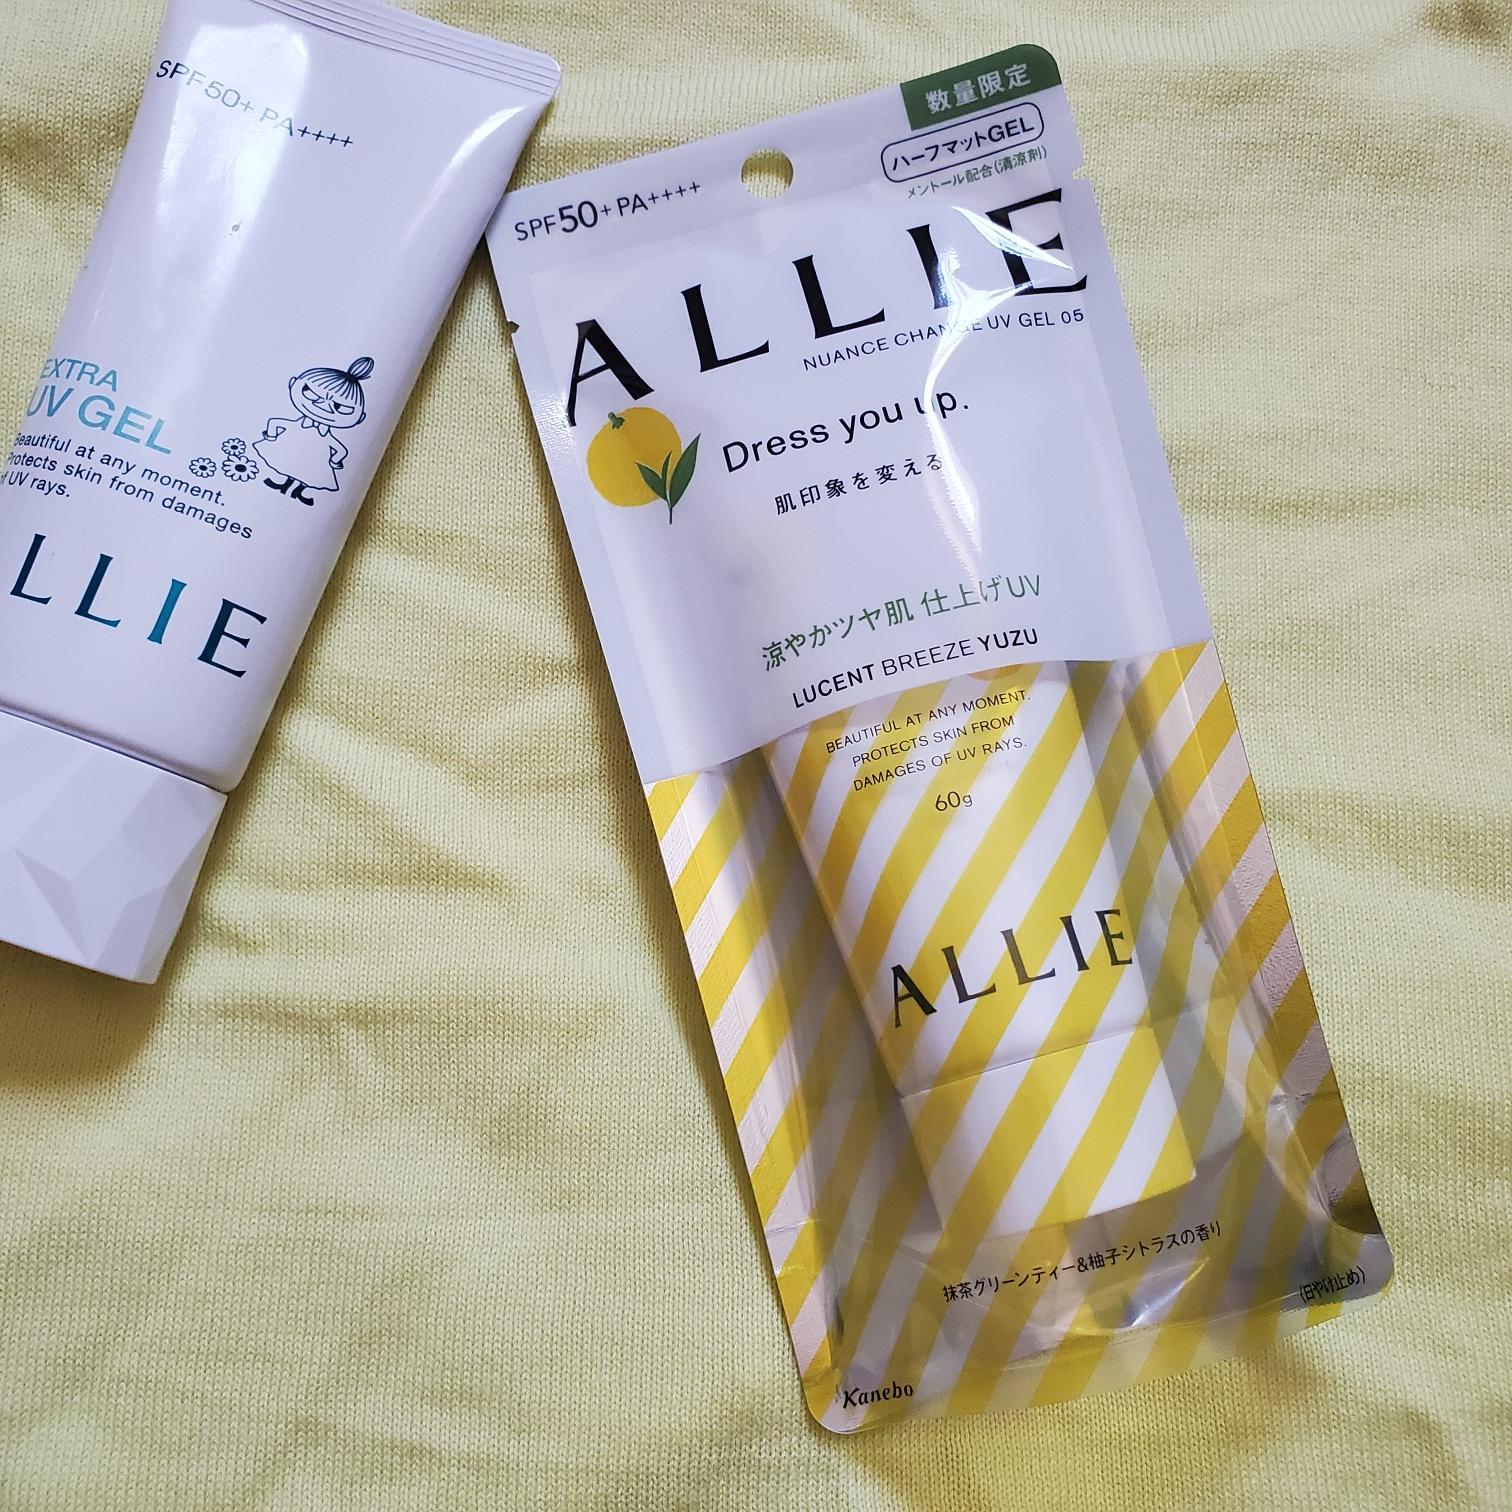 《夏の日焼け止め》数量限定さわやかに香る柚子シトラス【ALLIE】_1